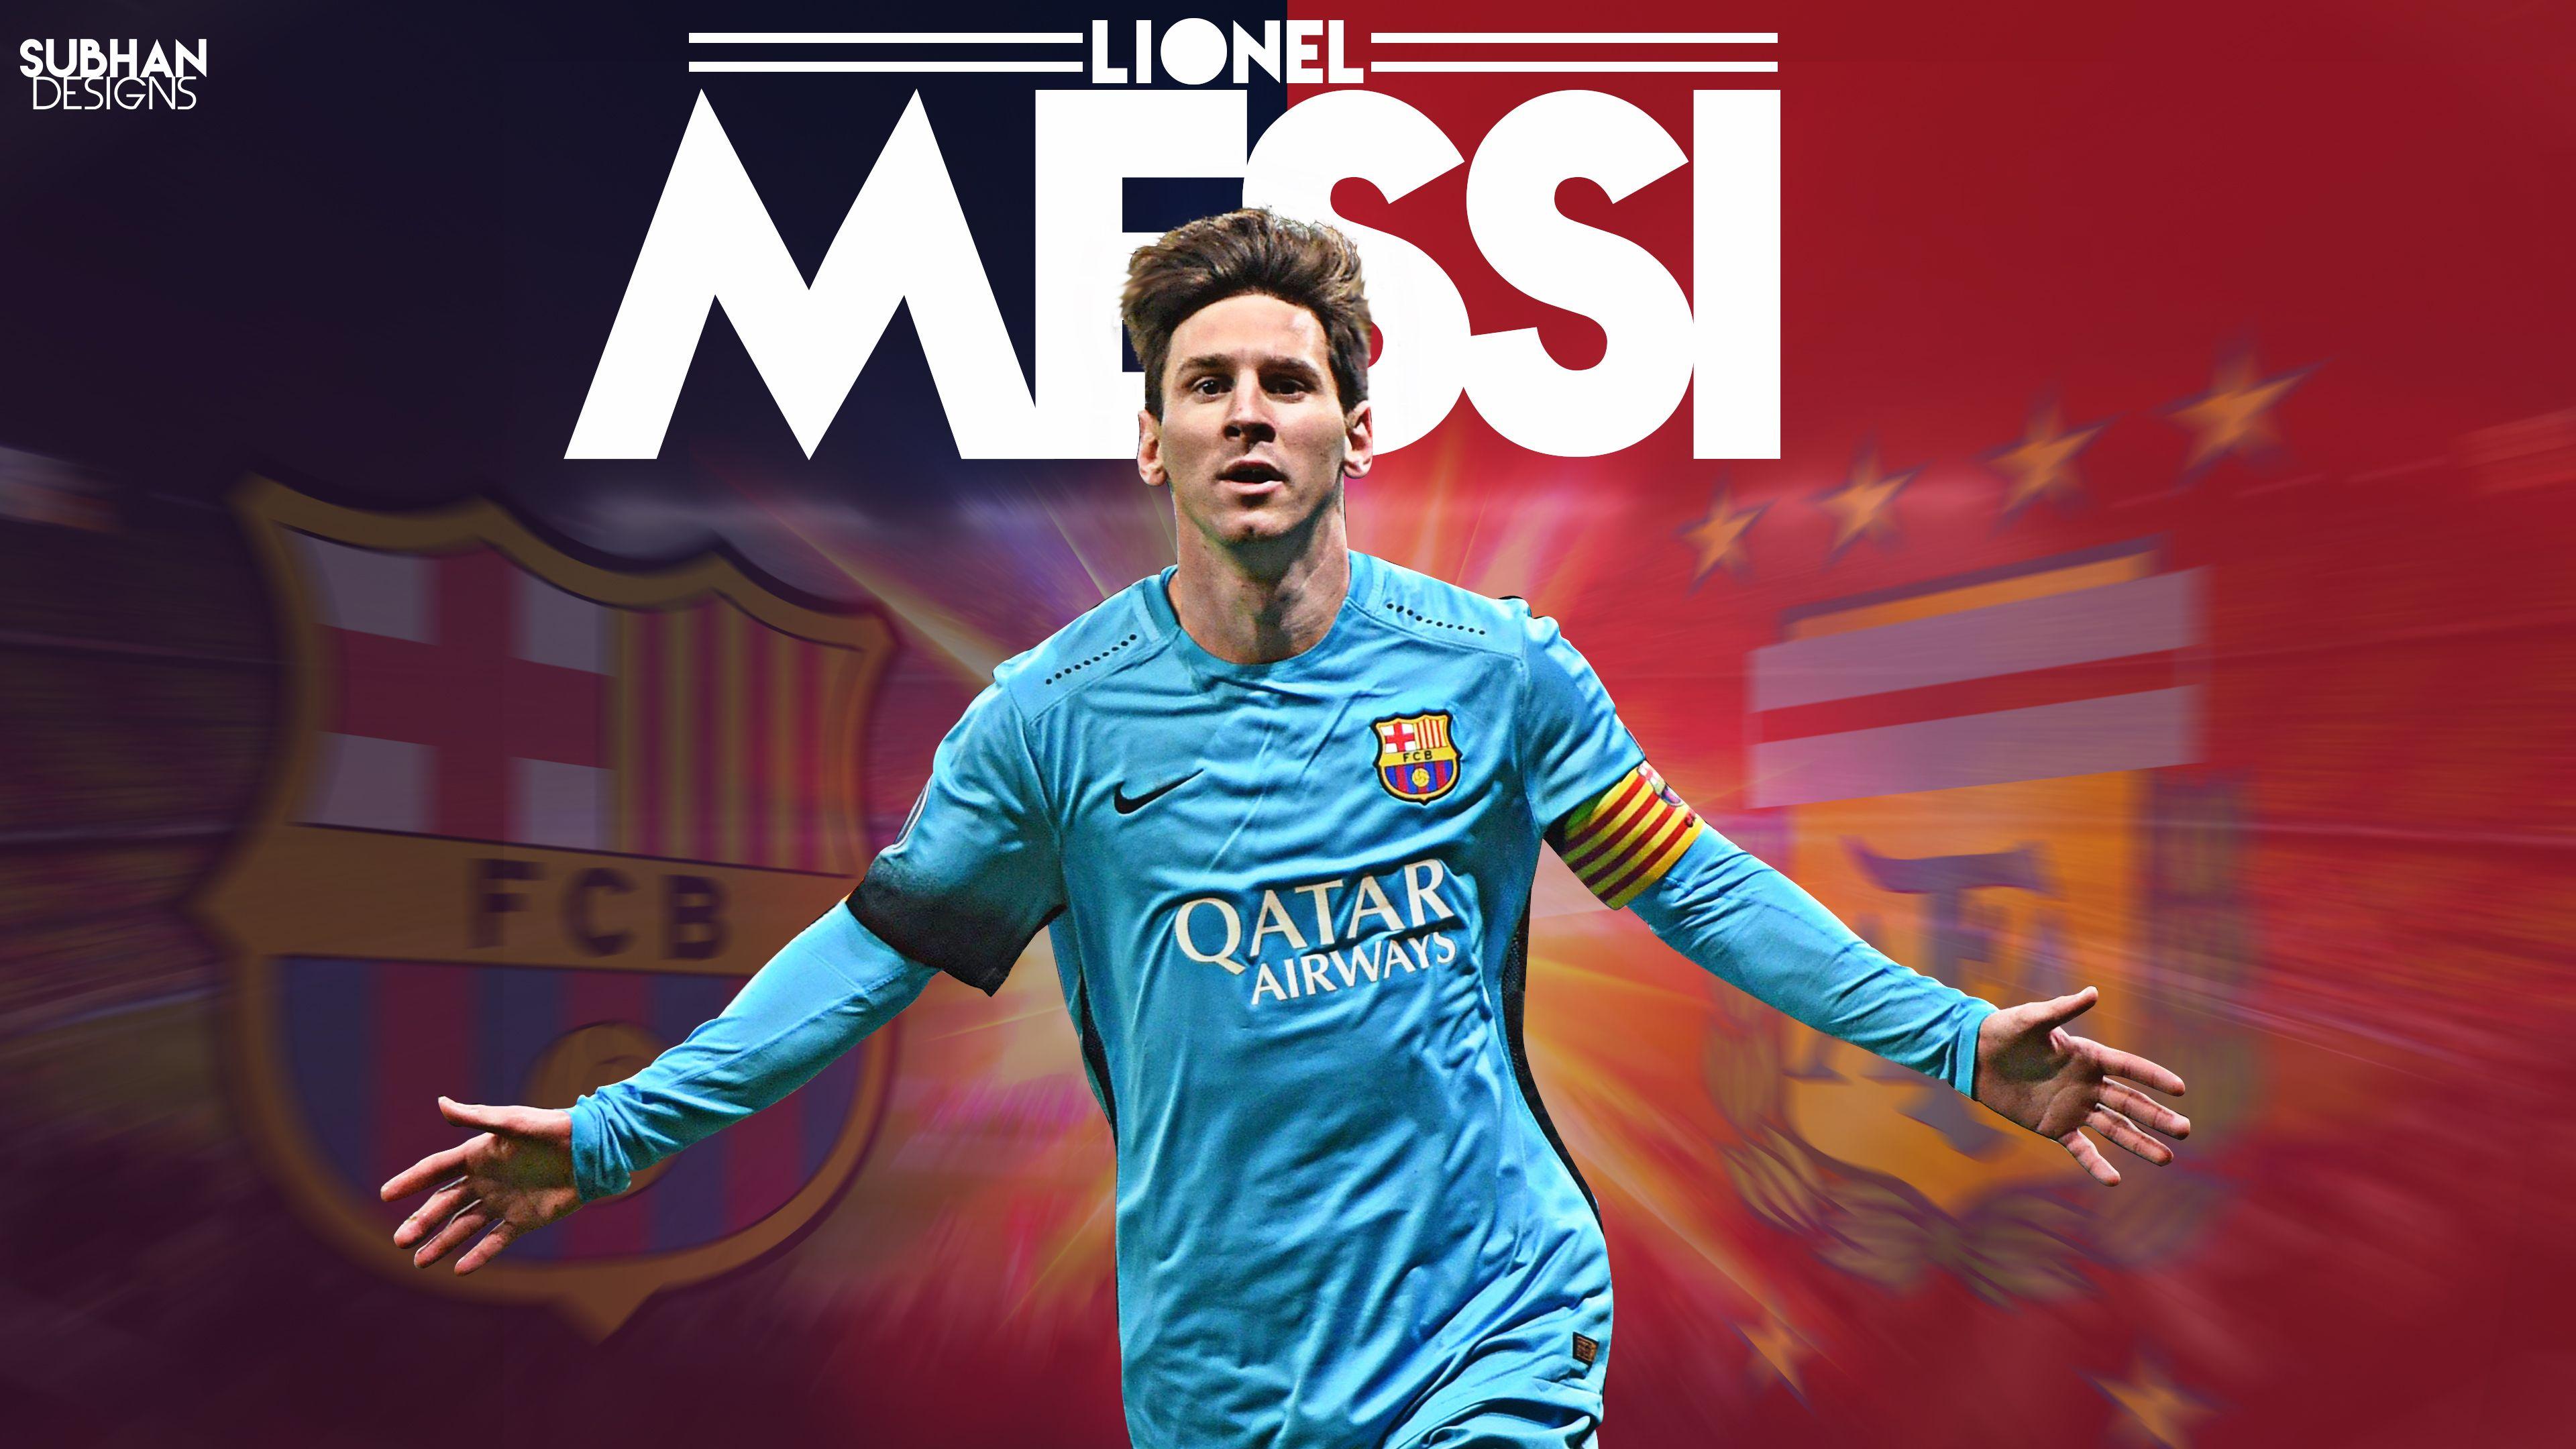 Lionel Messi High Resolution Desktop Lionel Messi